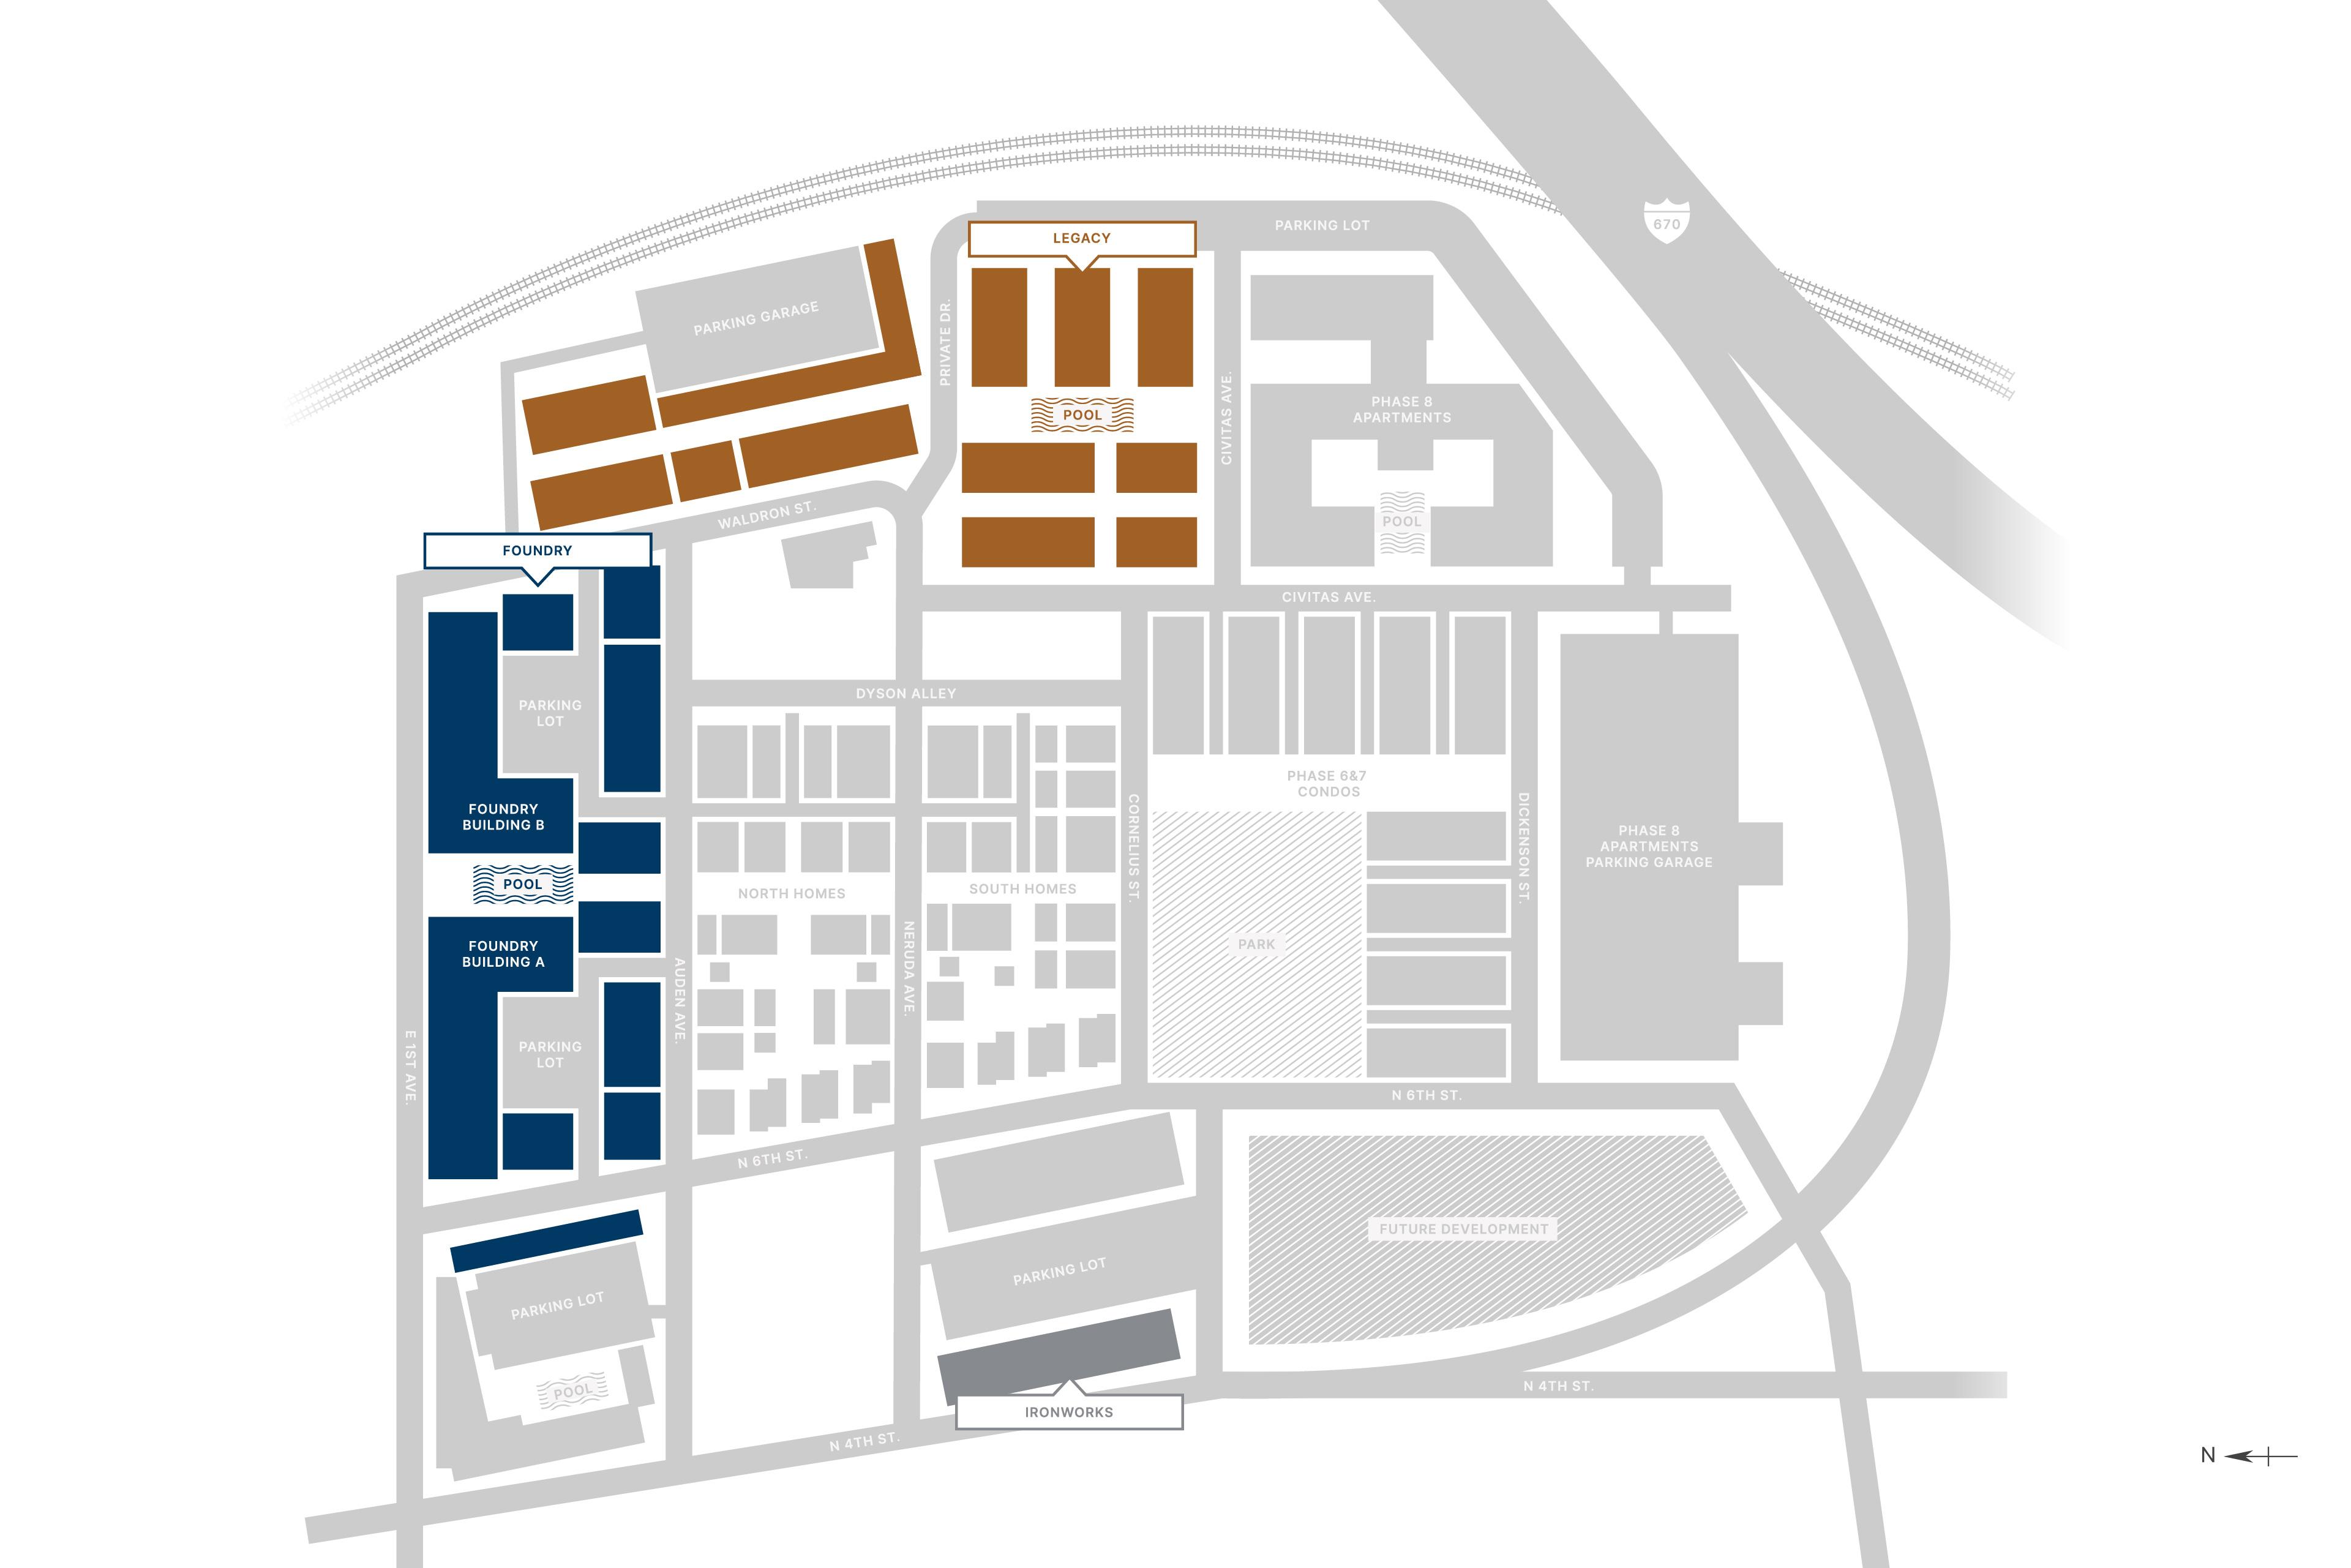 Jeffrey Park Full Site Map